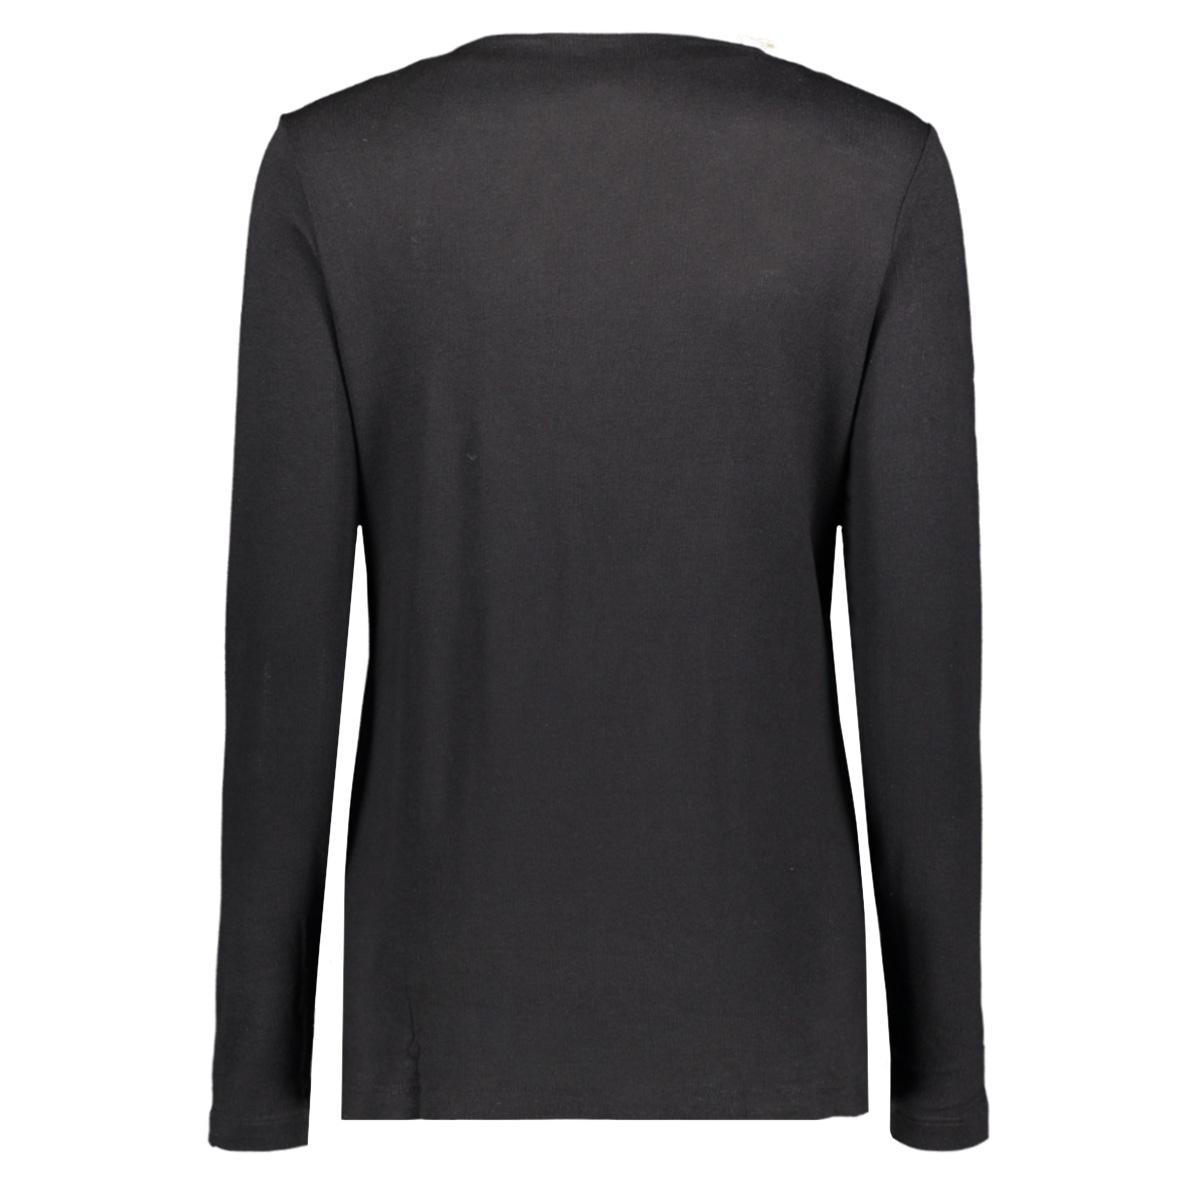 viv luxury basic shirt 201 zoso trui 0000 black